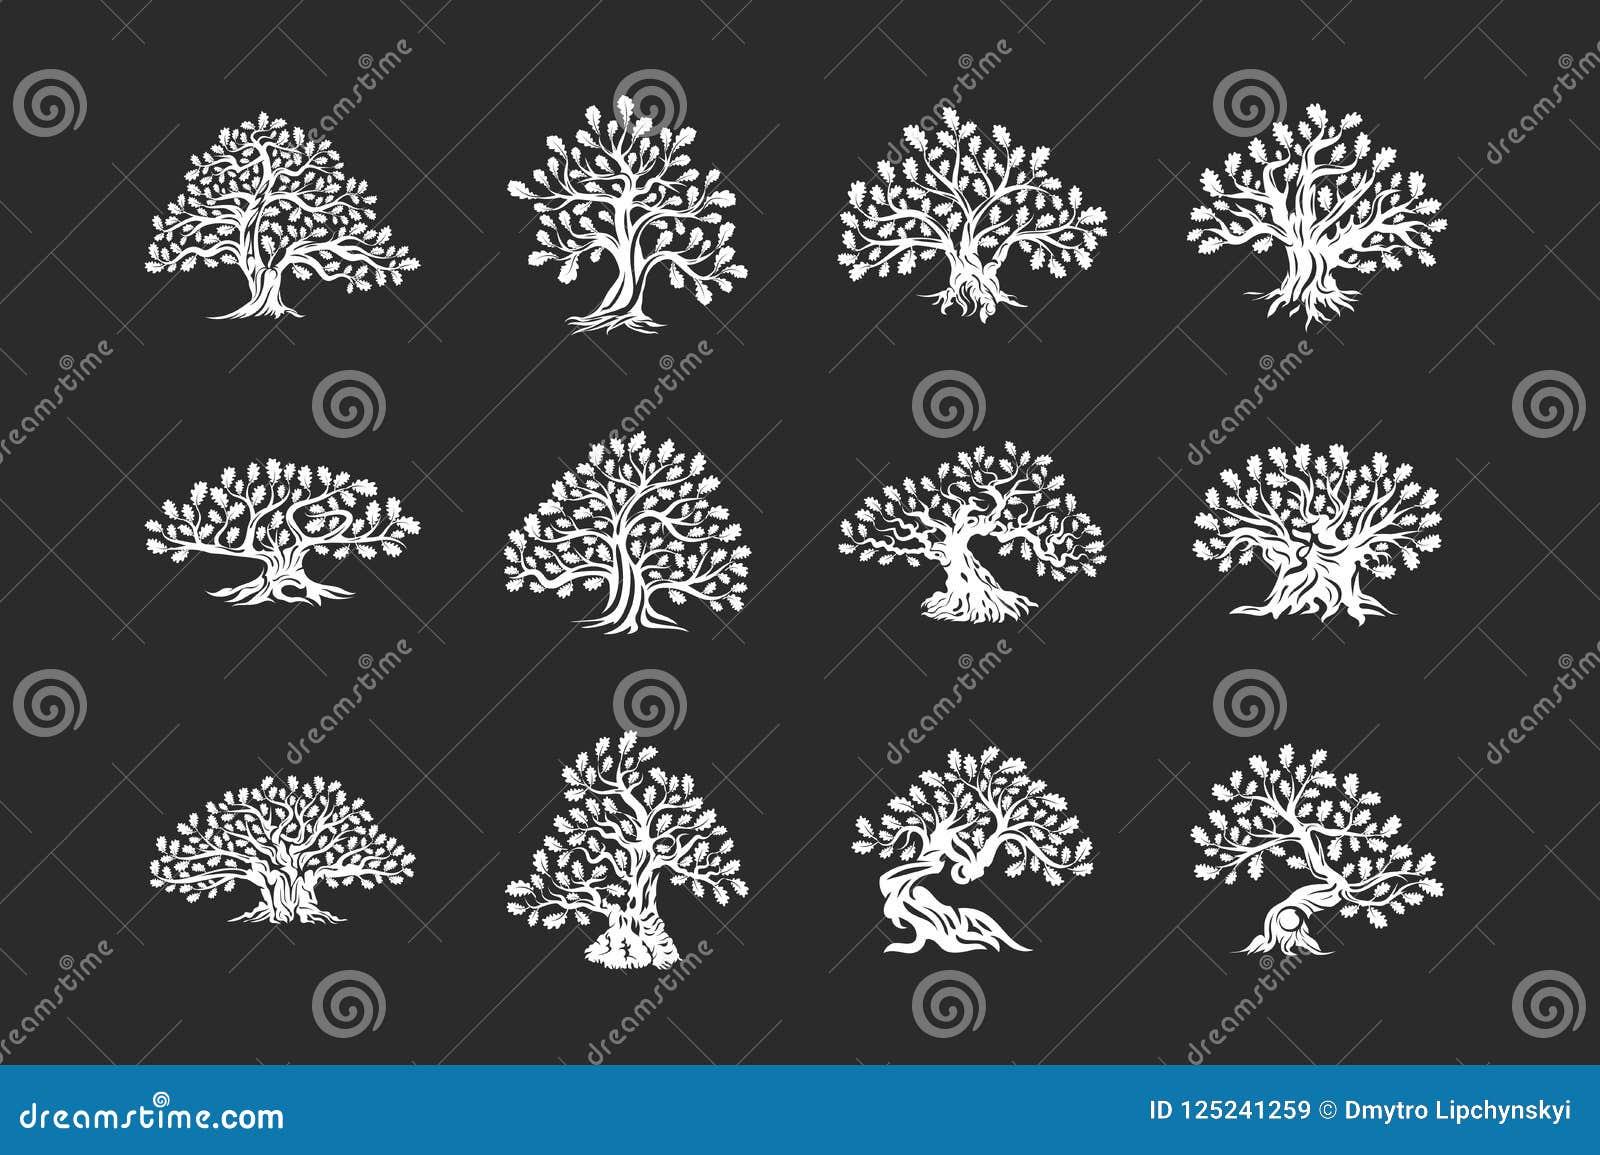 Ogromny i święty dębowego drzewa rośliny sylwetki logo odizolowywający na ciemnym tło secie